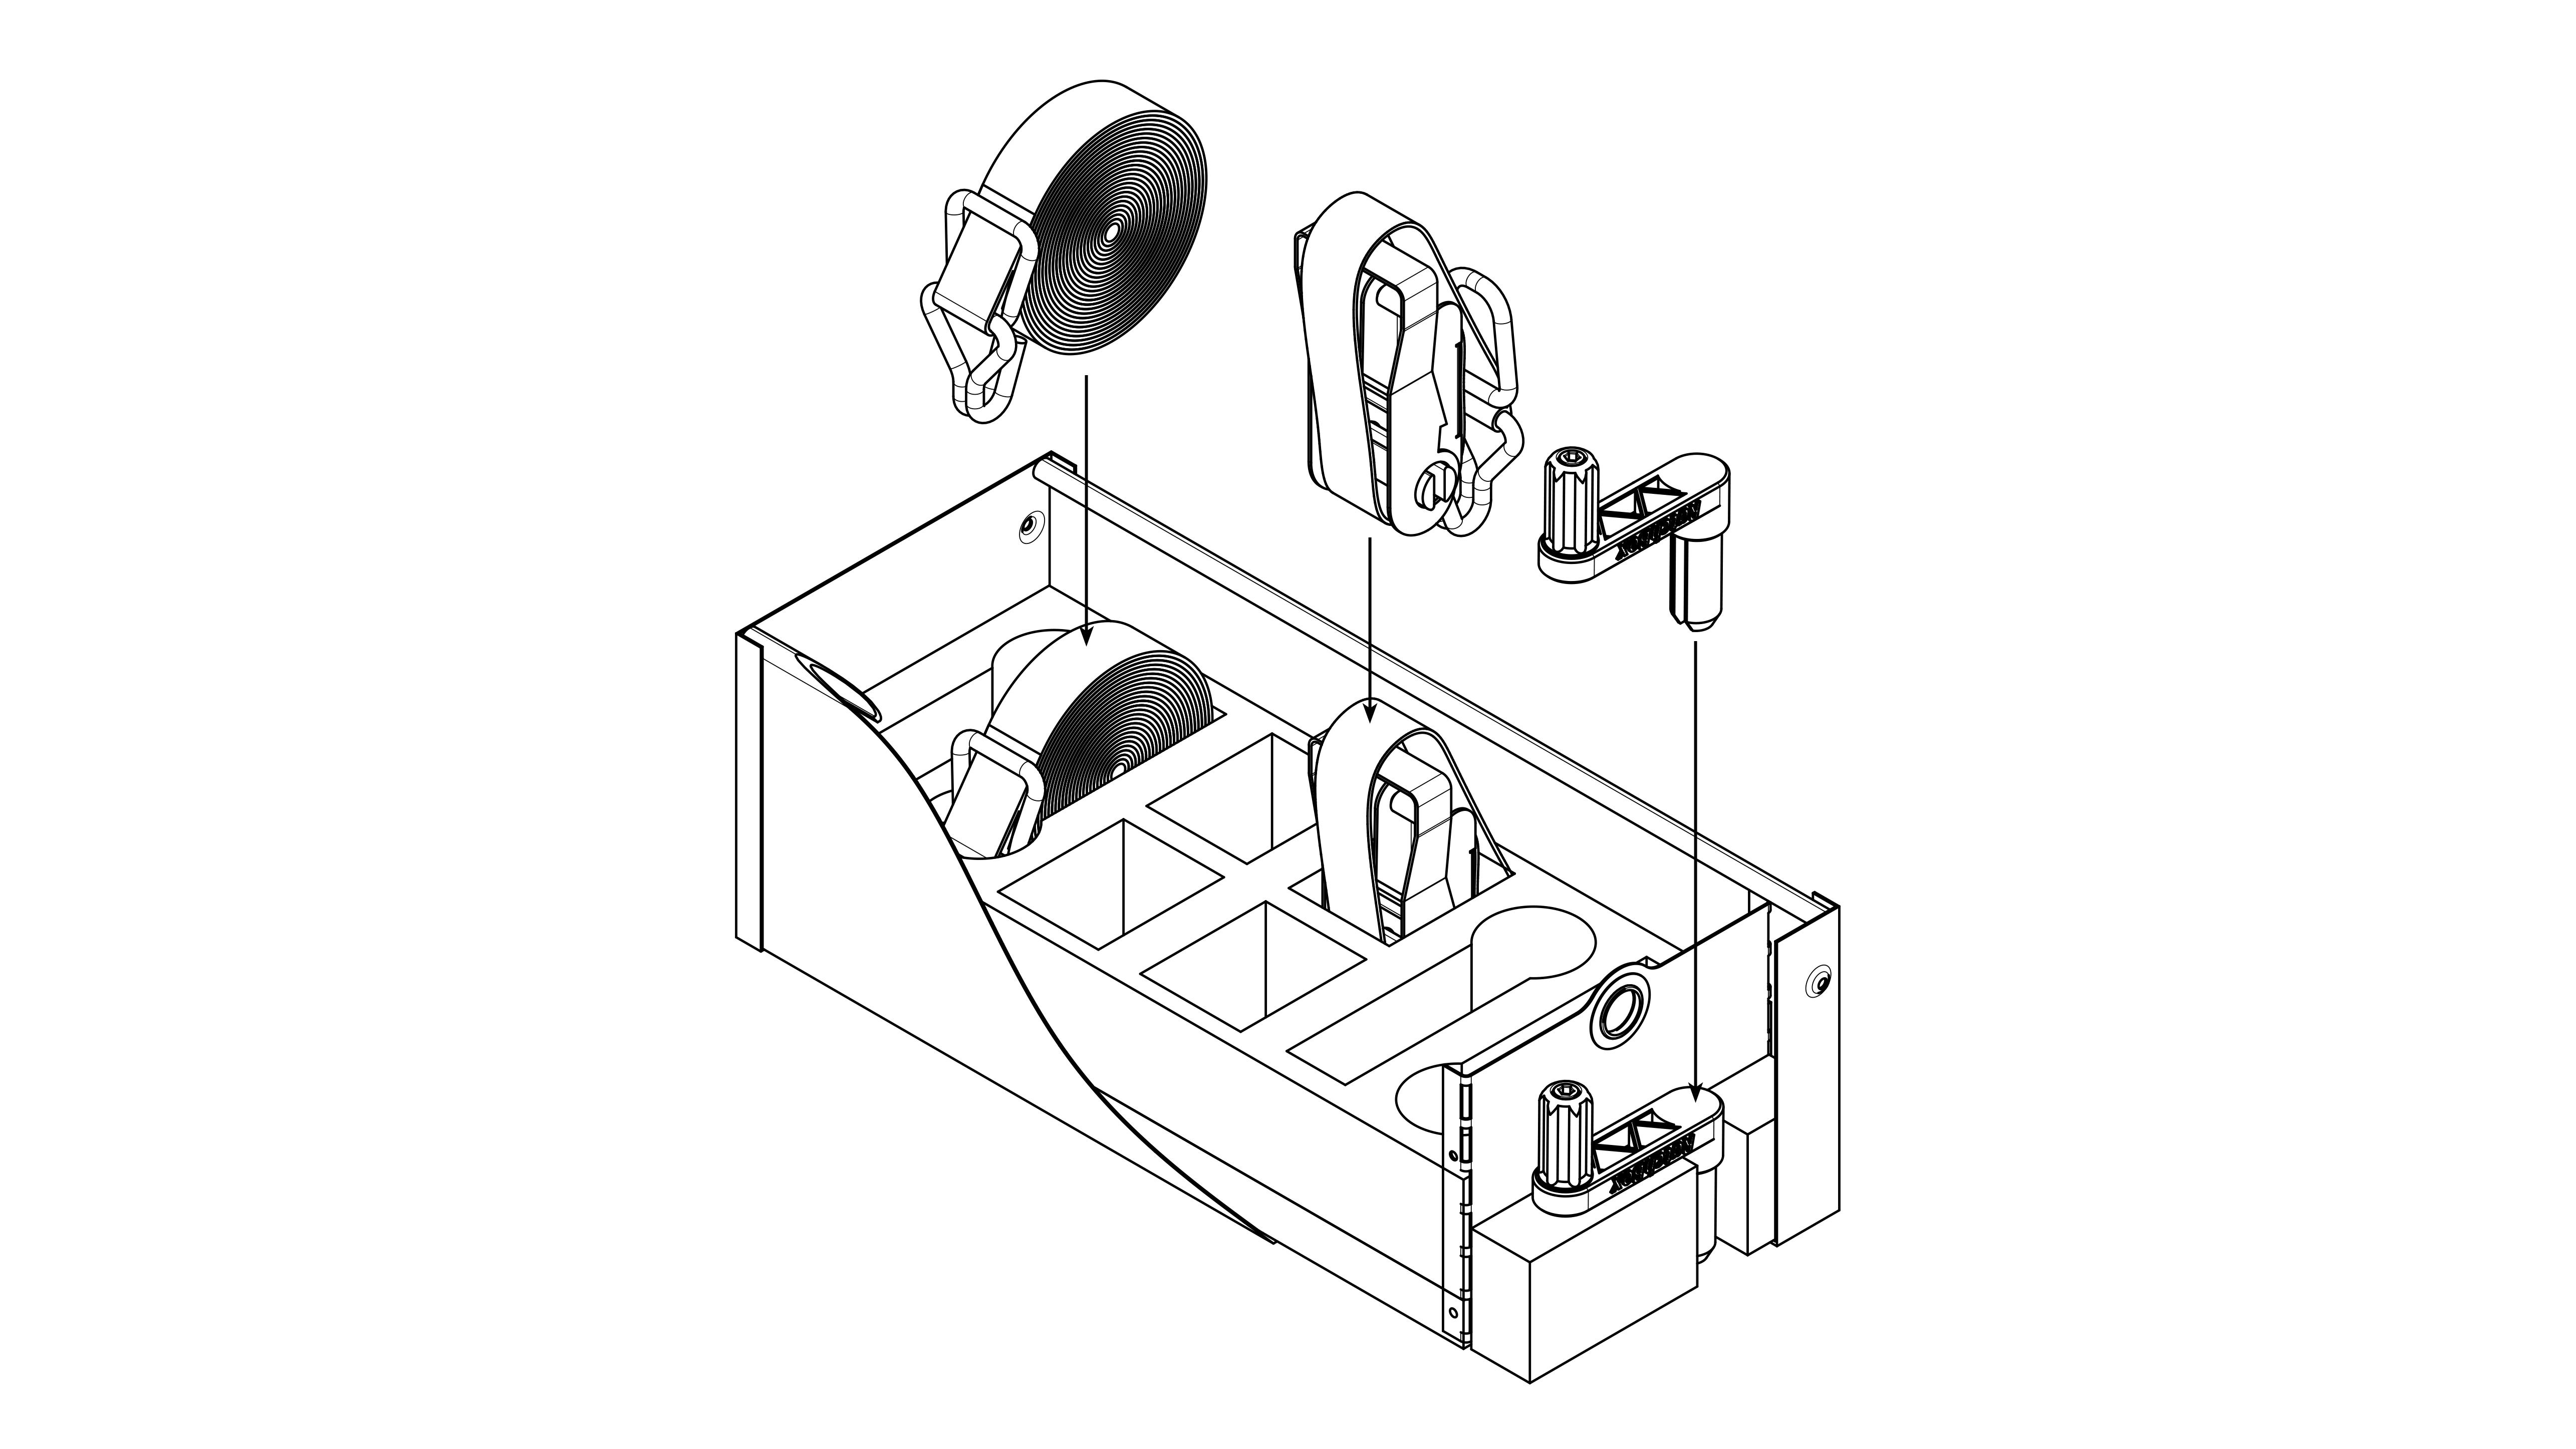 Ratchet Strap Tie Down Storage Design